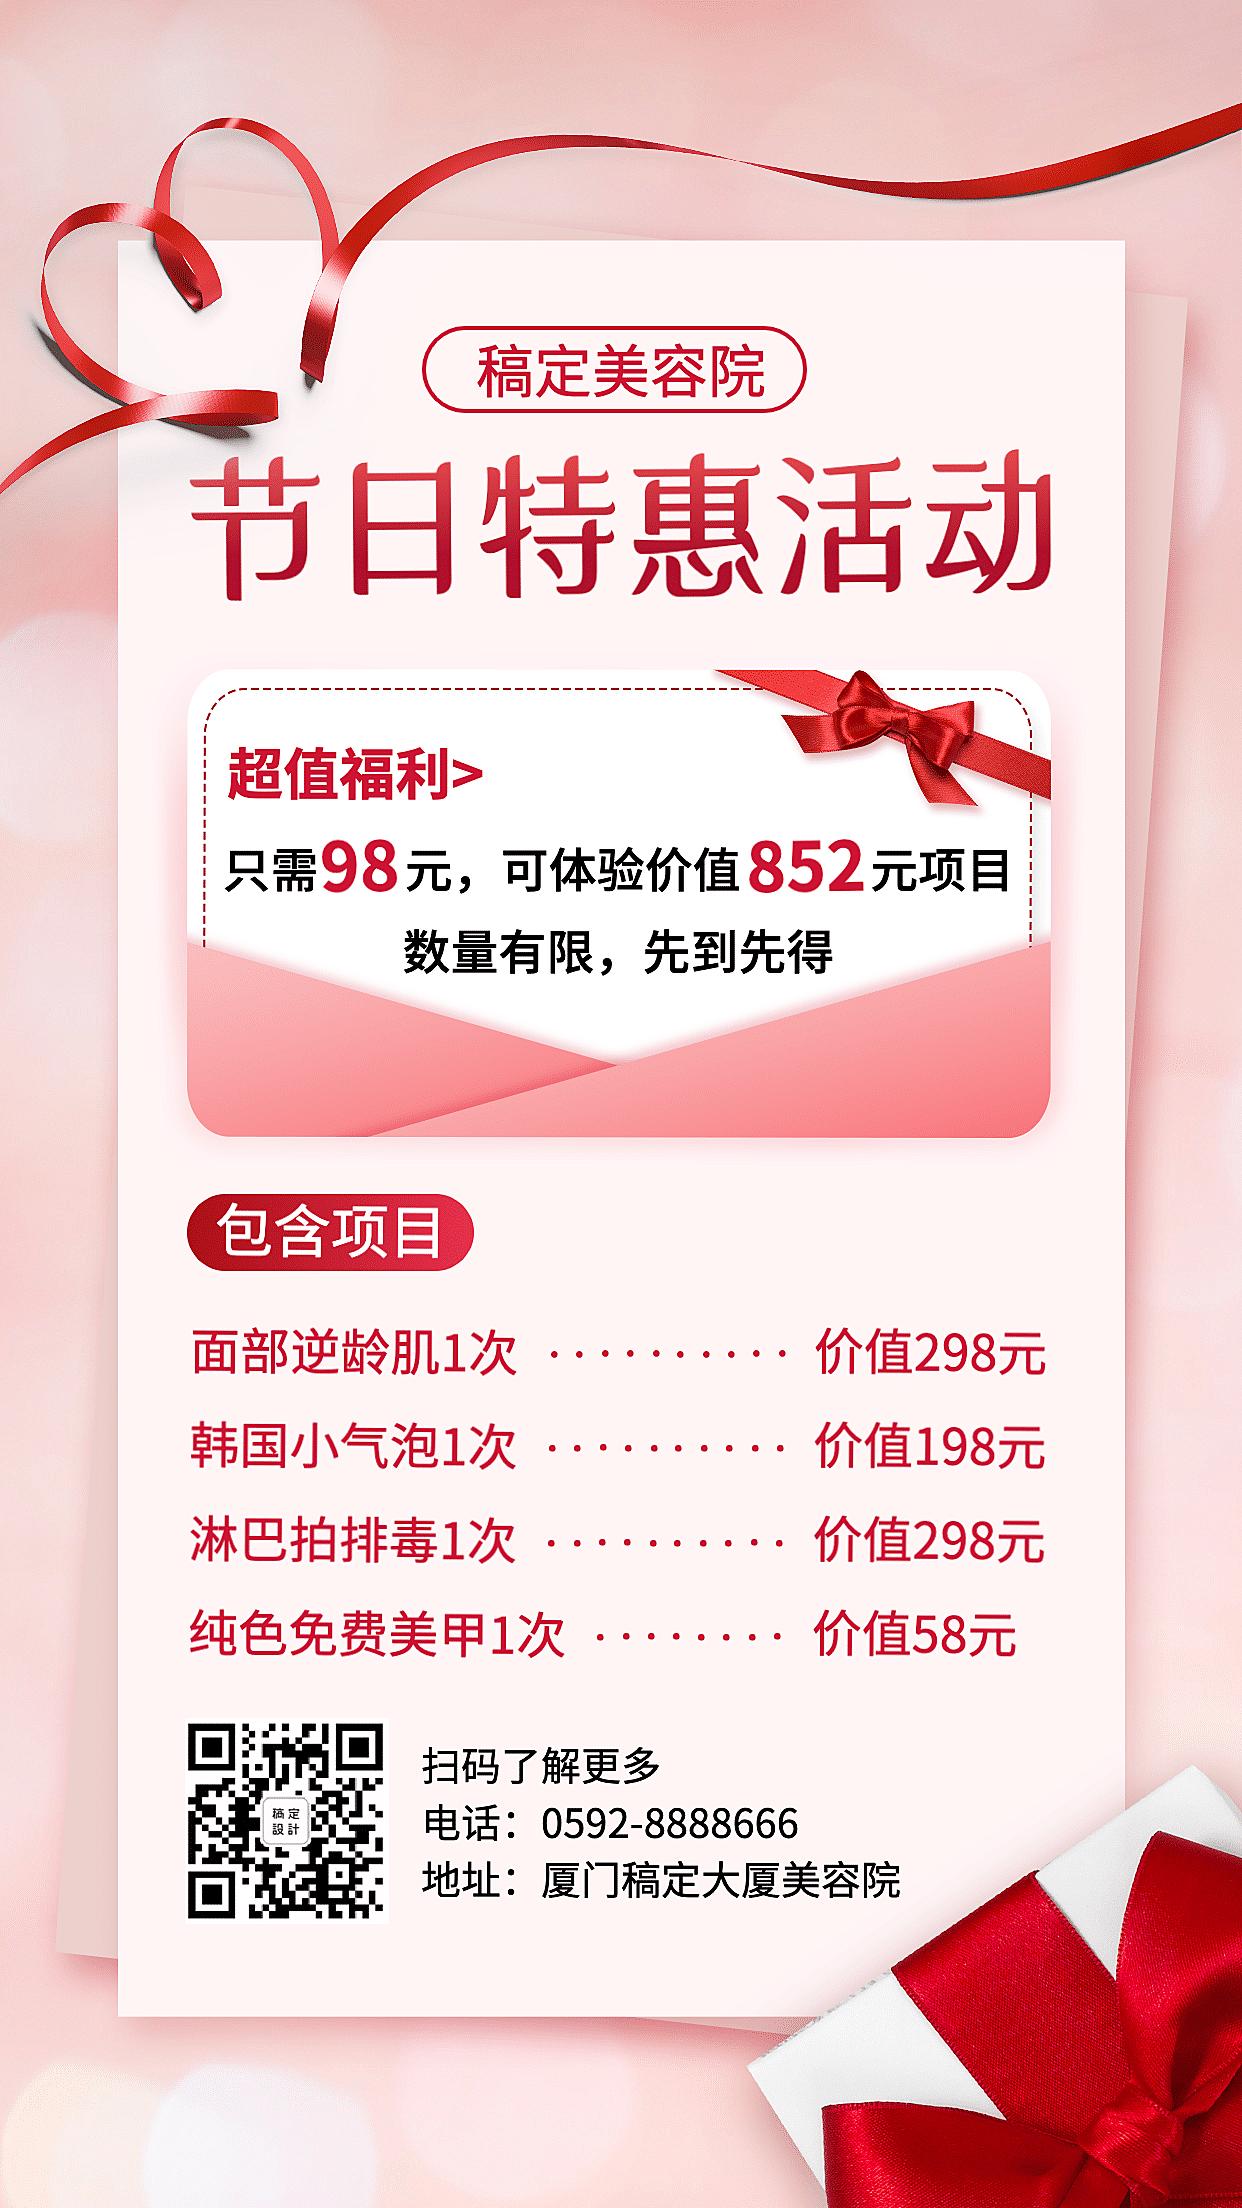 520节日促销线下实体店引流活动